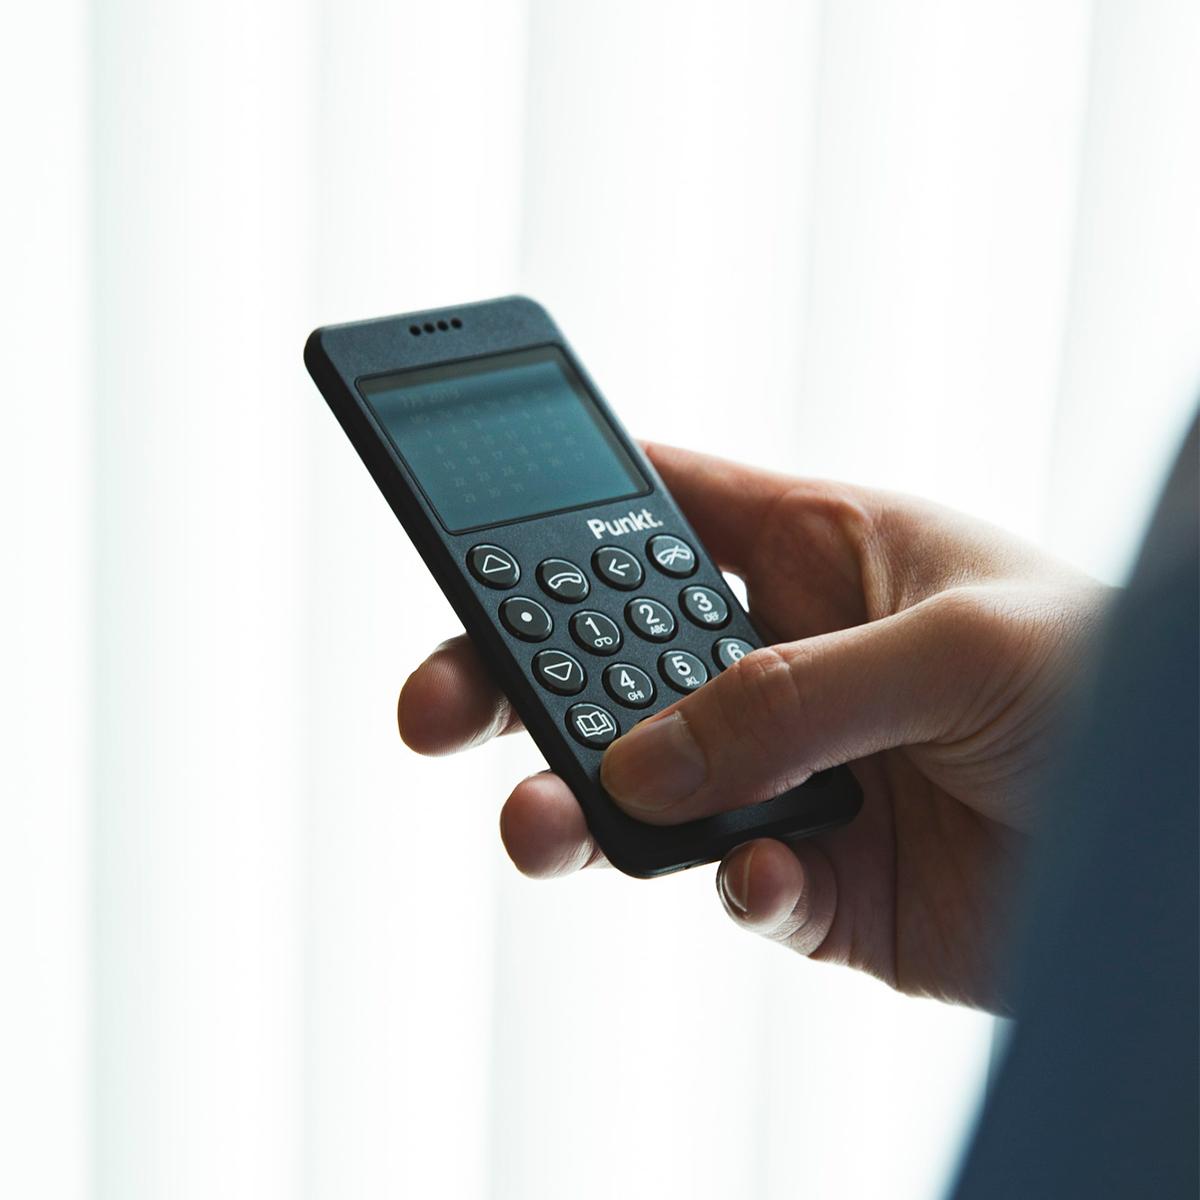 通話とSMS機能をメインにした至極シンプルなデザインの携帯電話・ミニマムフォン|Punkt.(プンクト)